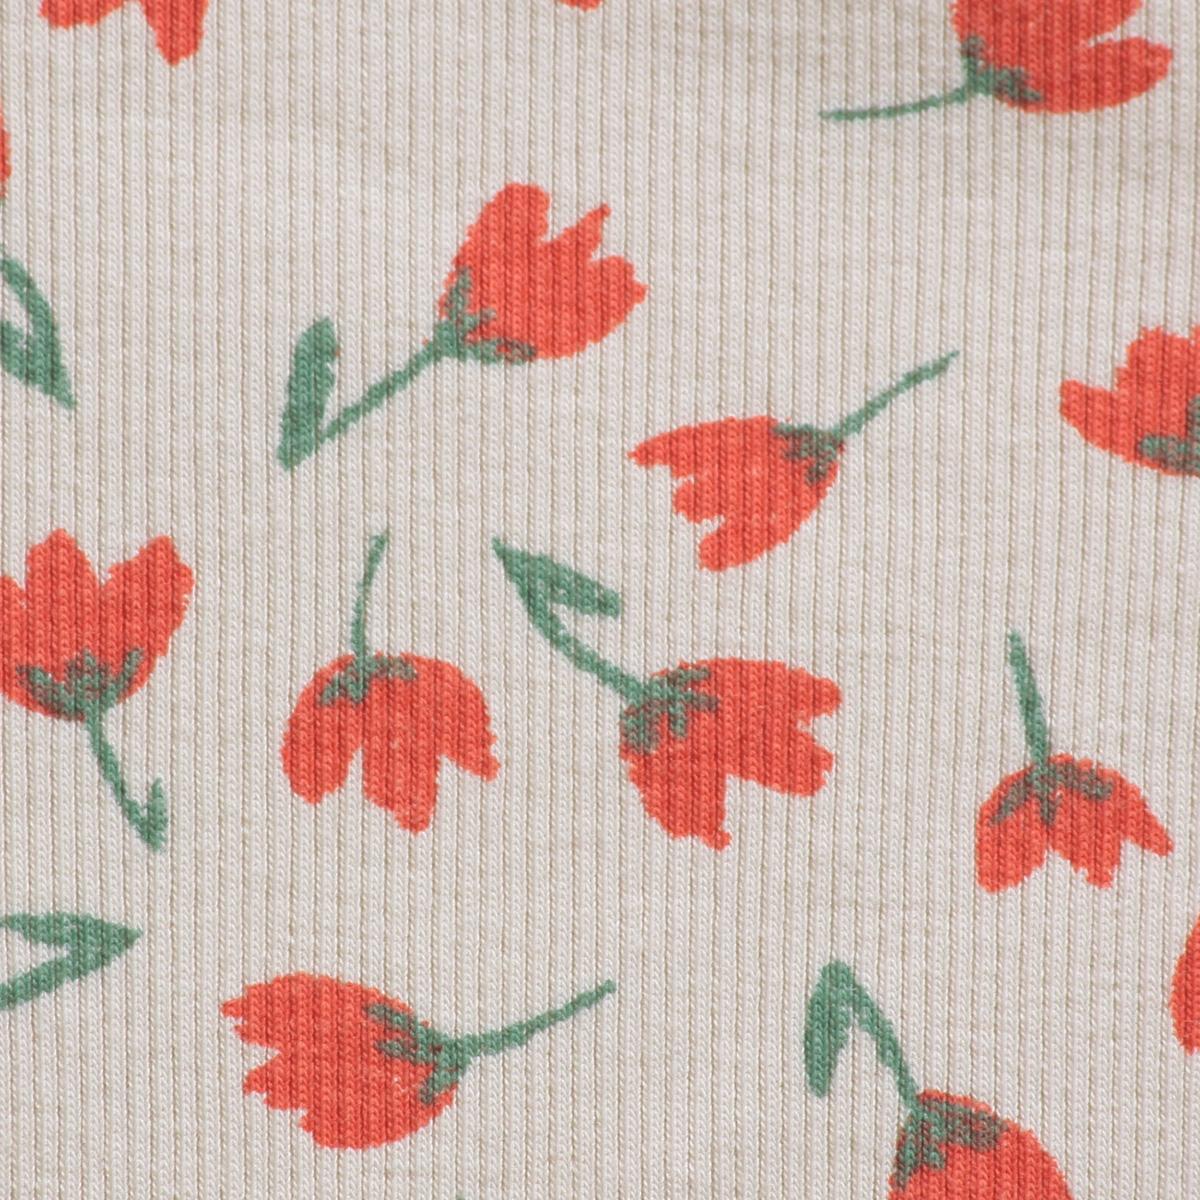 From spain Bobo Choses Flowers All Over body 6-12M/12-18M オーガニックコットン